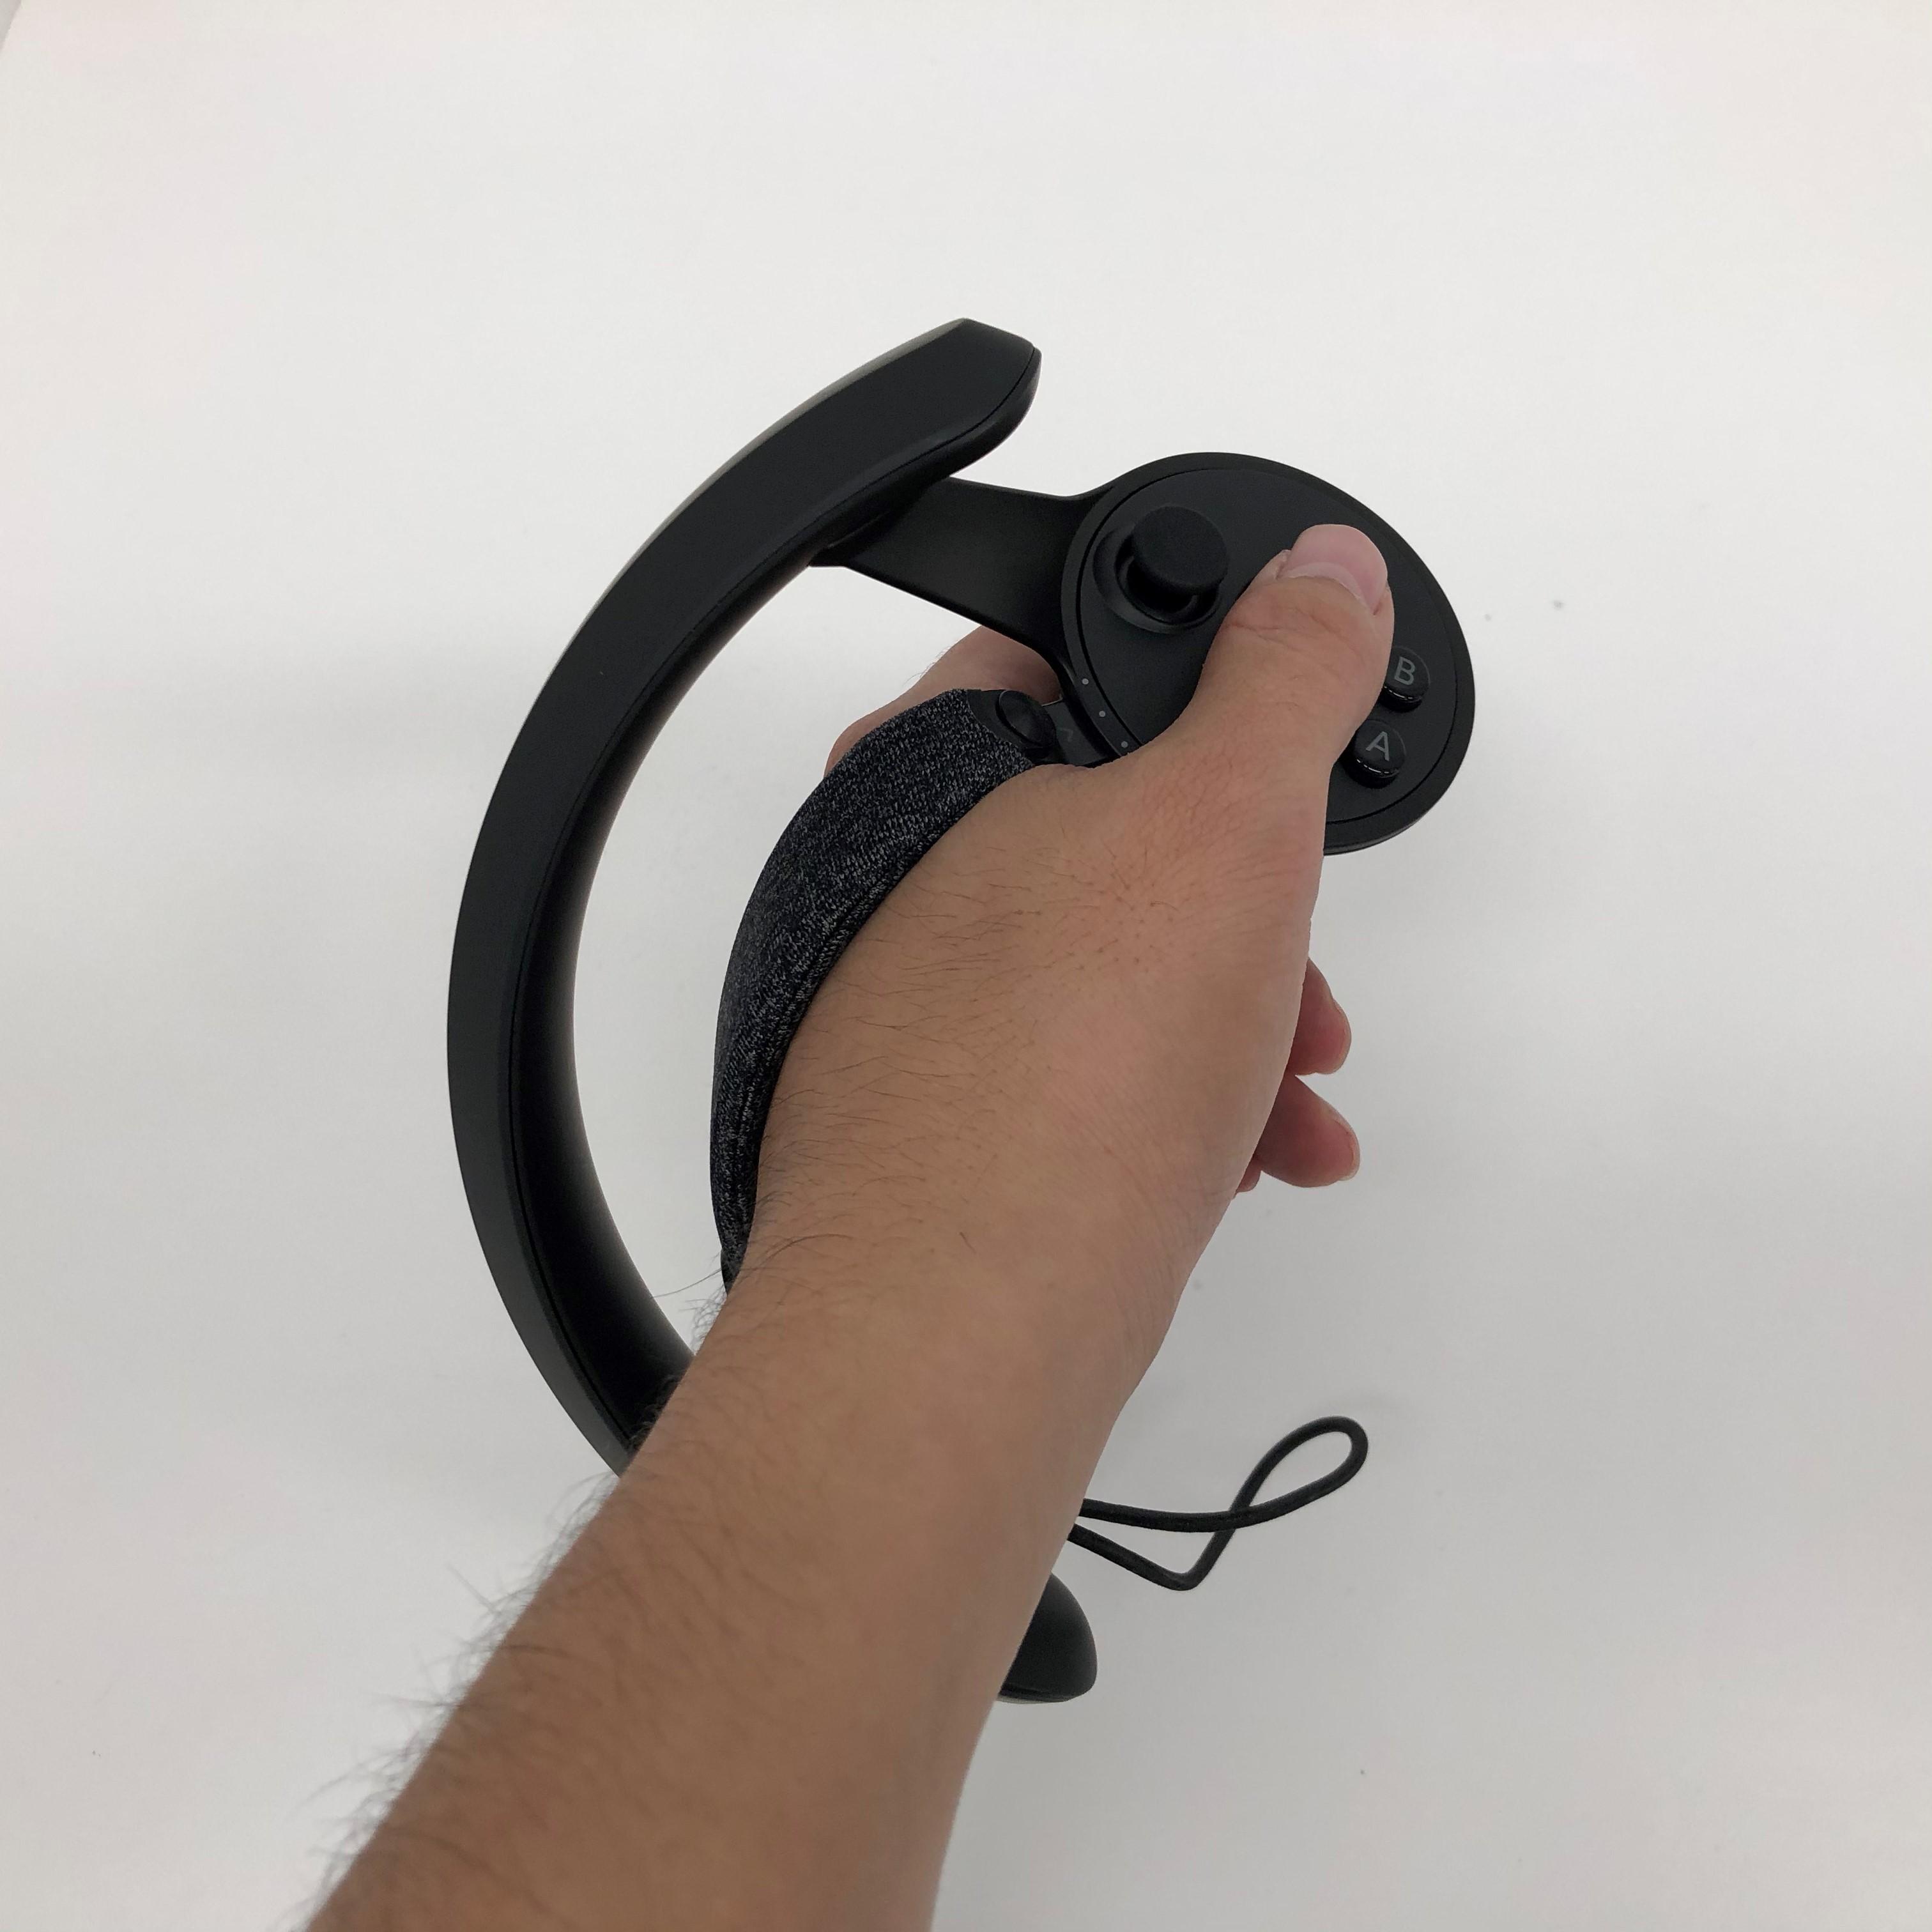 下部のゴム紐を引くことで固定